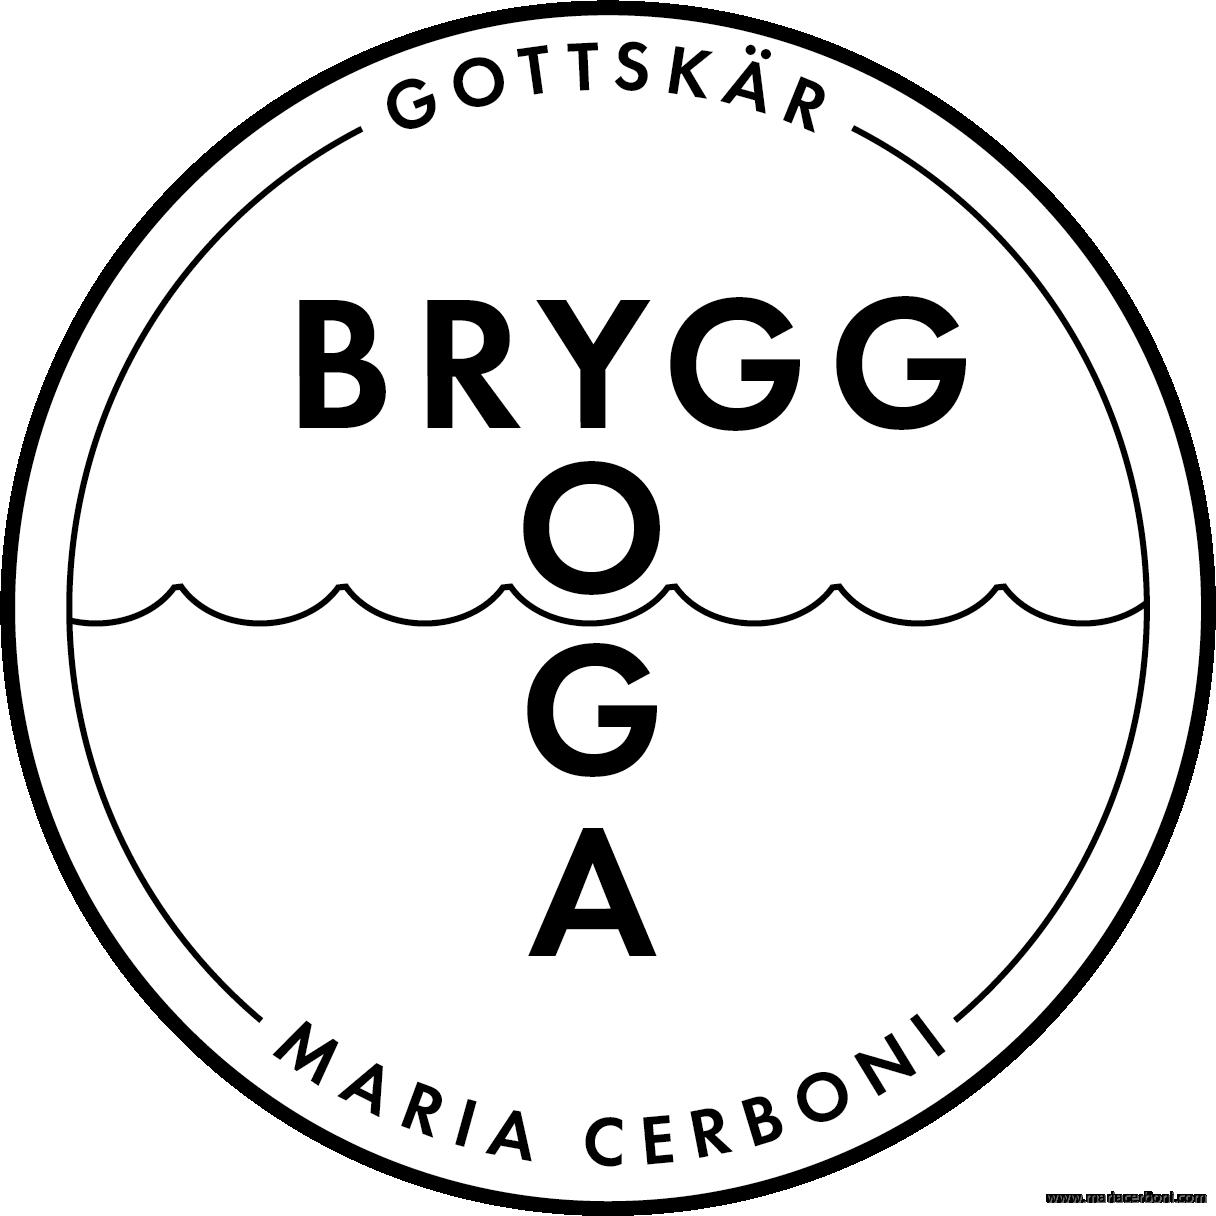 BRYGGYOGA